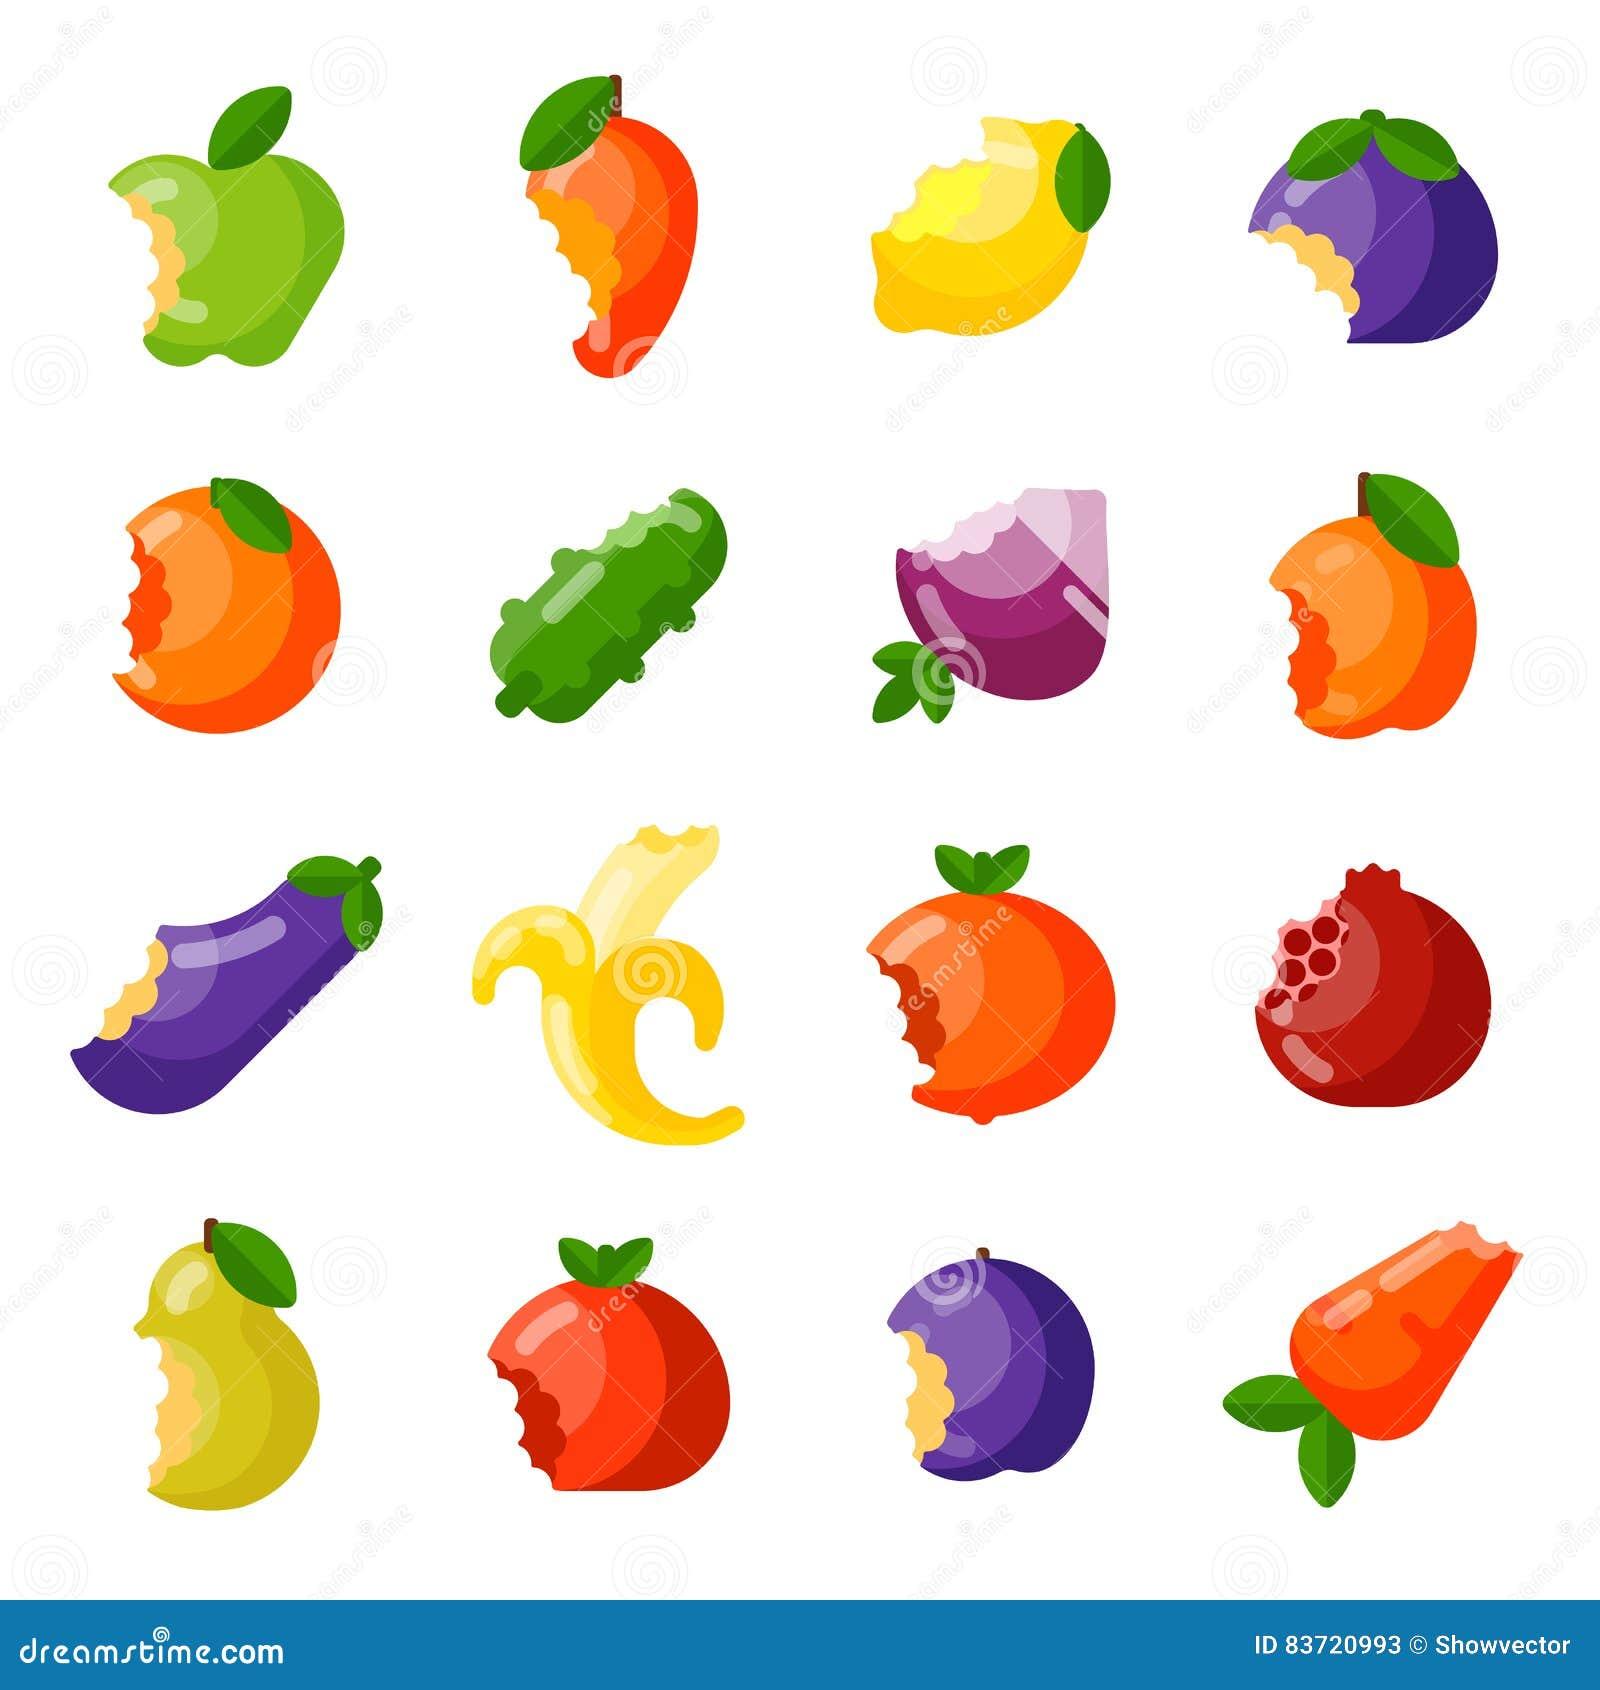 Bitten Fruits Vector Set. Stock Vector